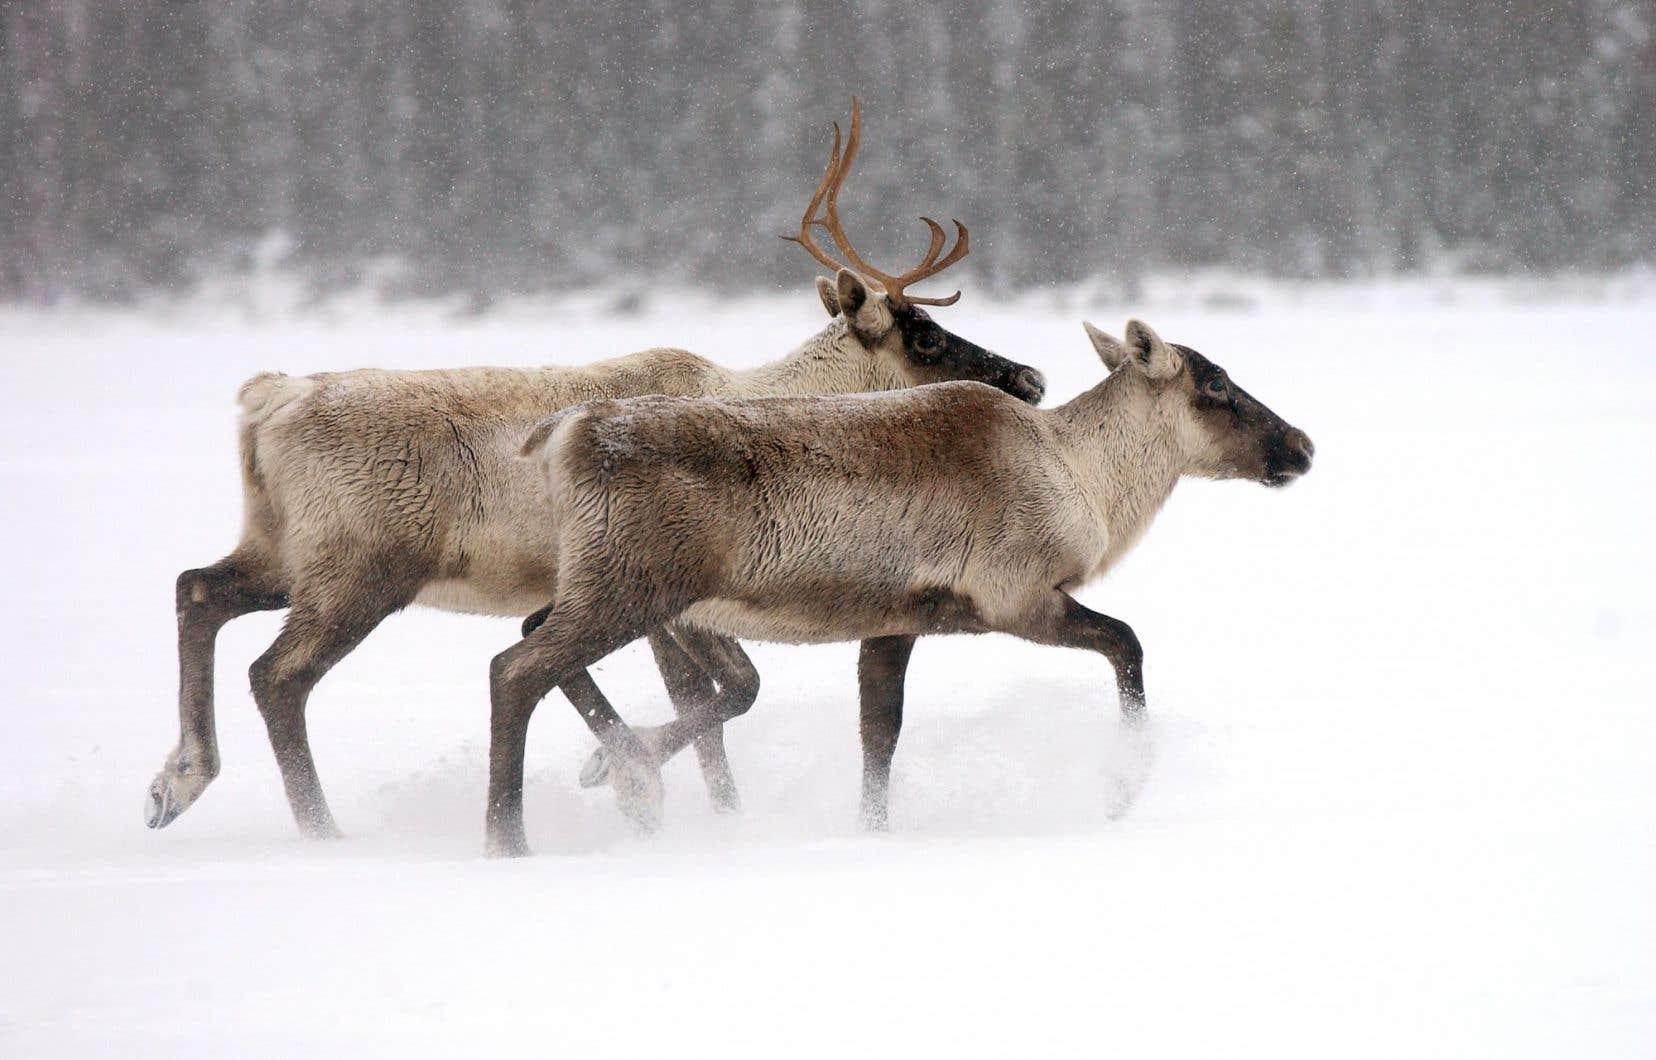 Le chemin forestier de la compagnie forestière EACOM doit empiéter sur l'habitat des caribous de Val-d'Or.